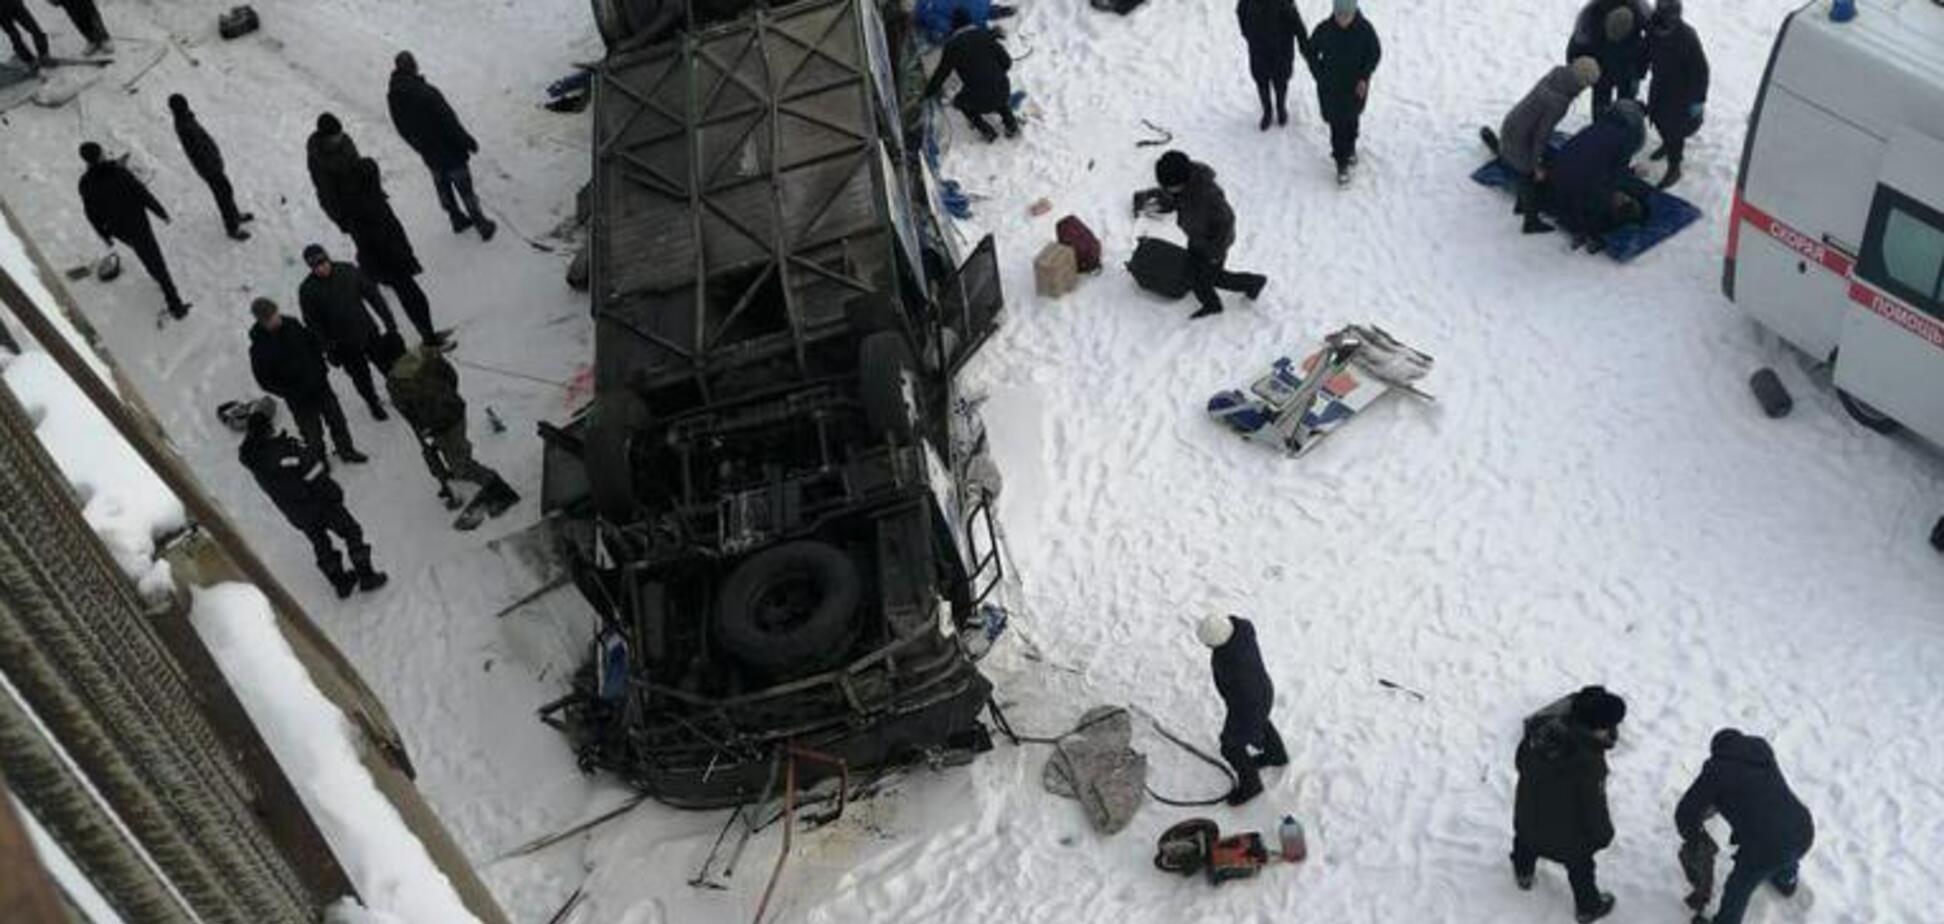 В России с моста на лед рухнул автобус с туристами: 19 жертв. Фото и видео